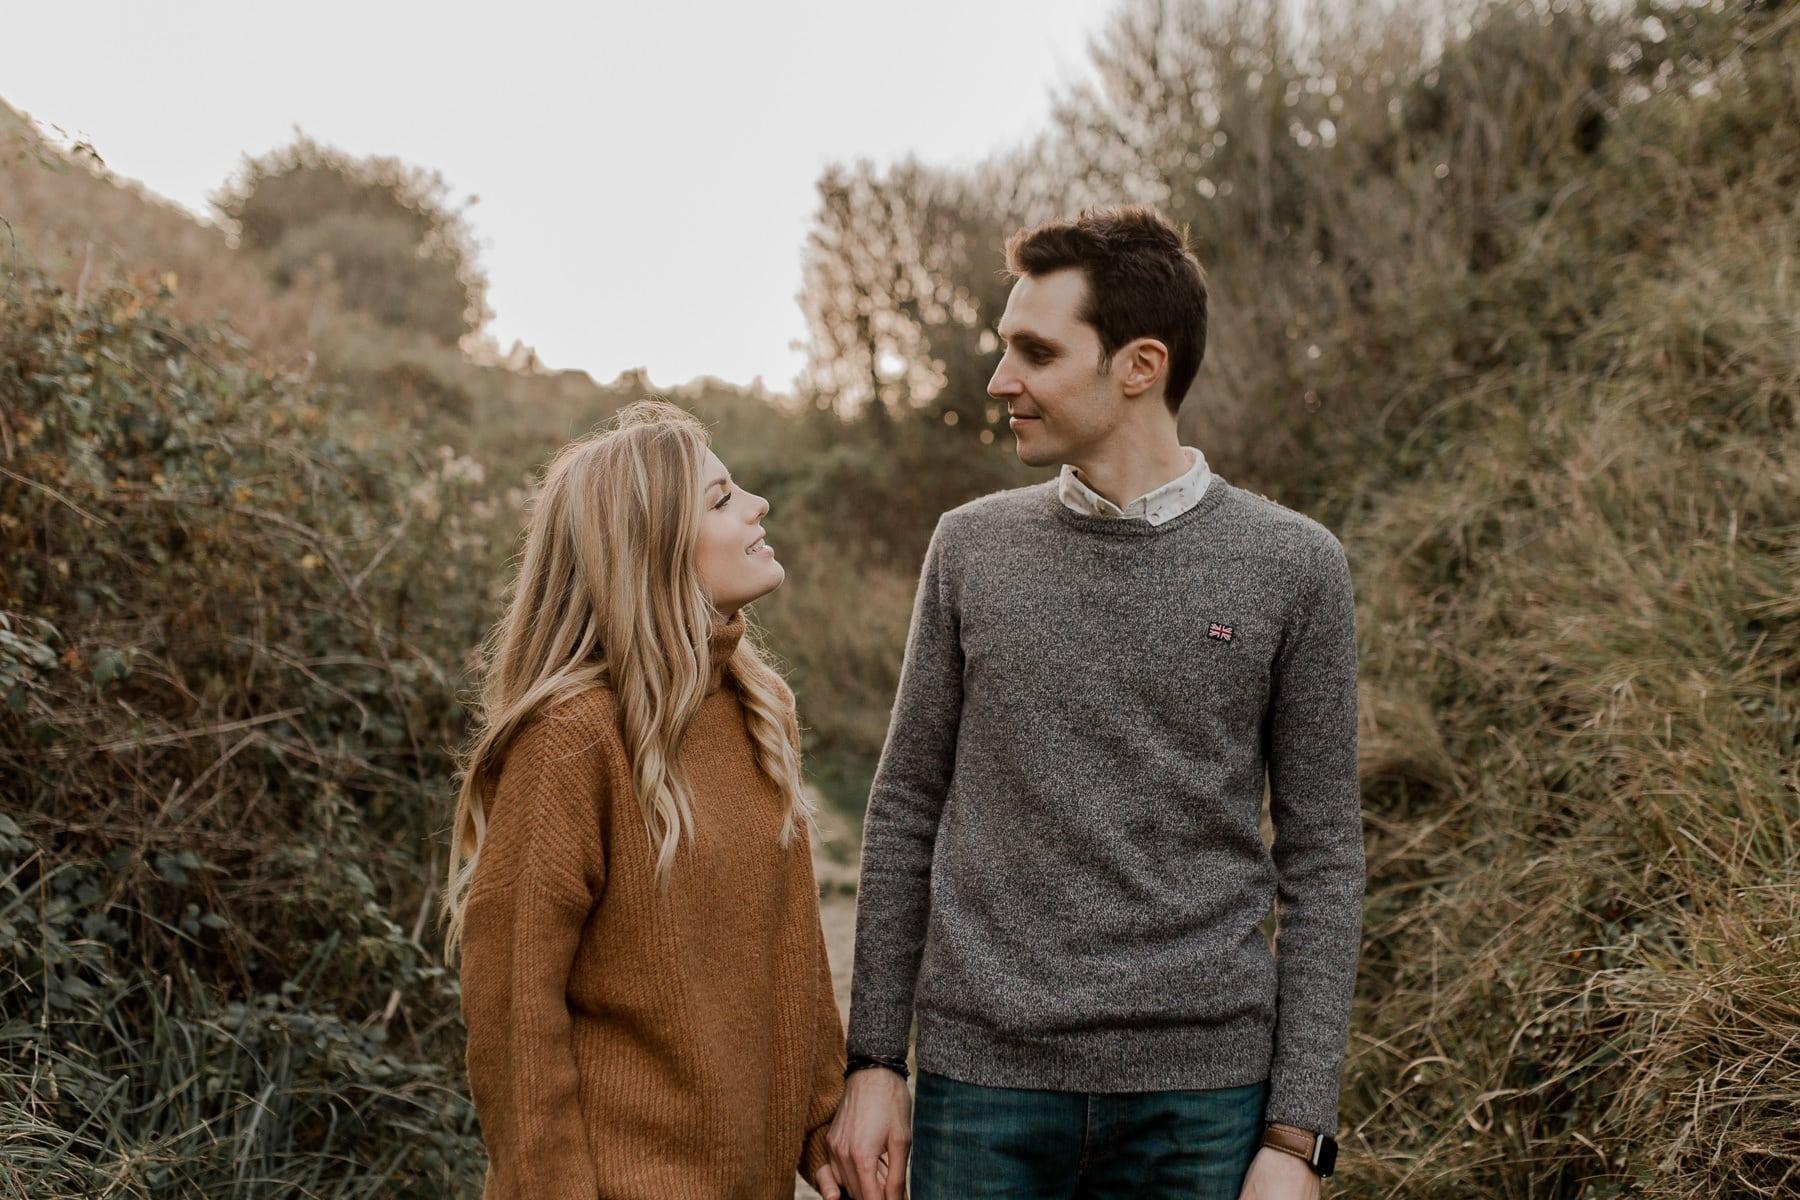 séance photo engagement couple normandie